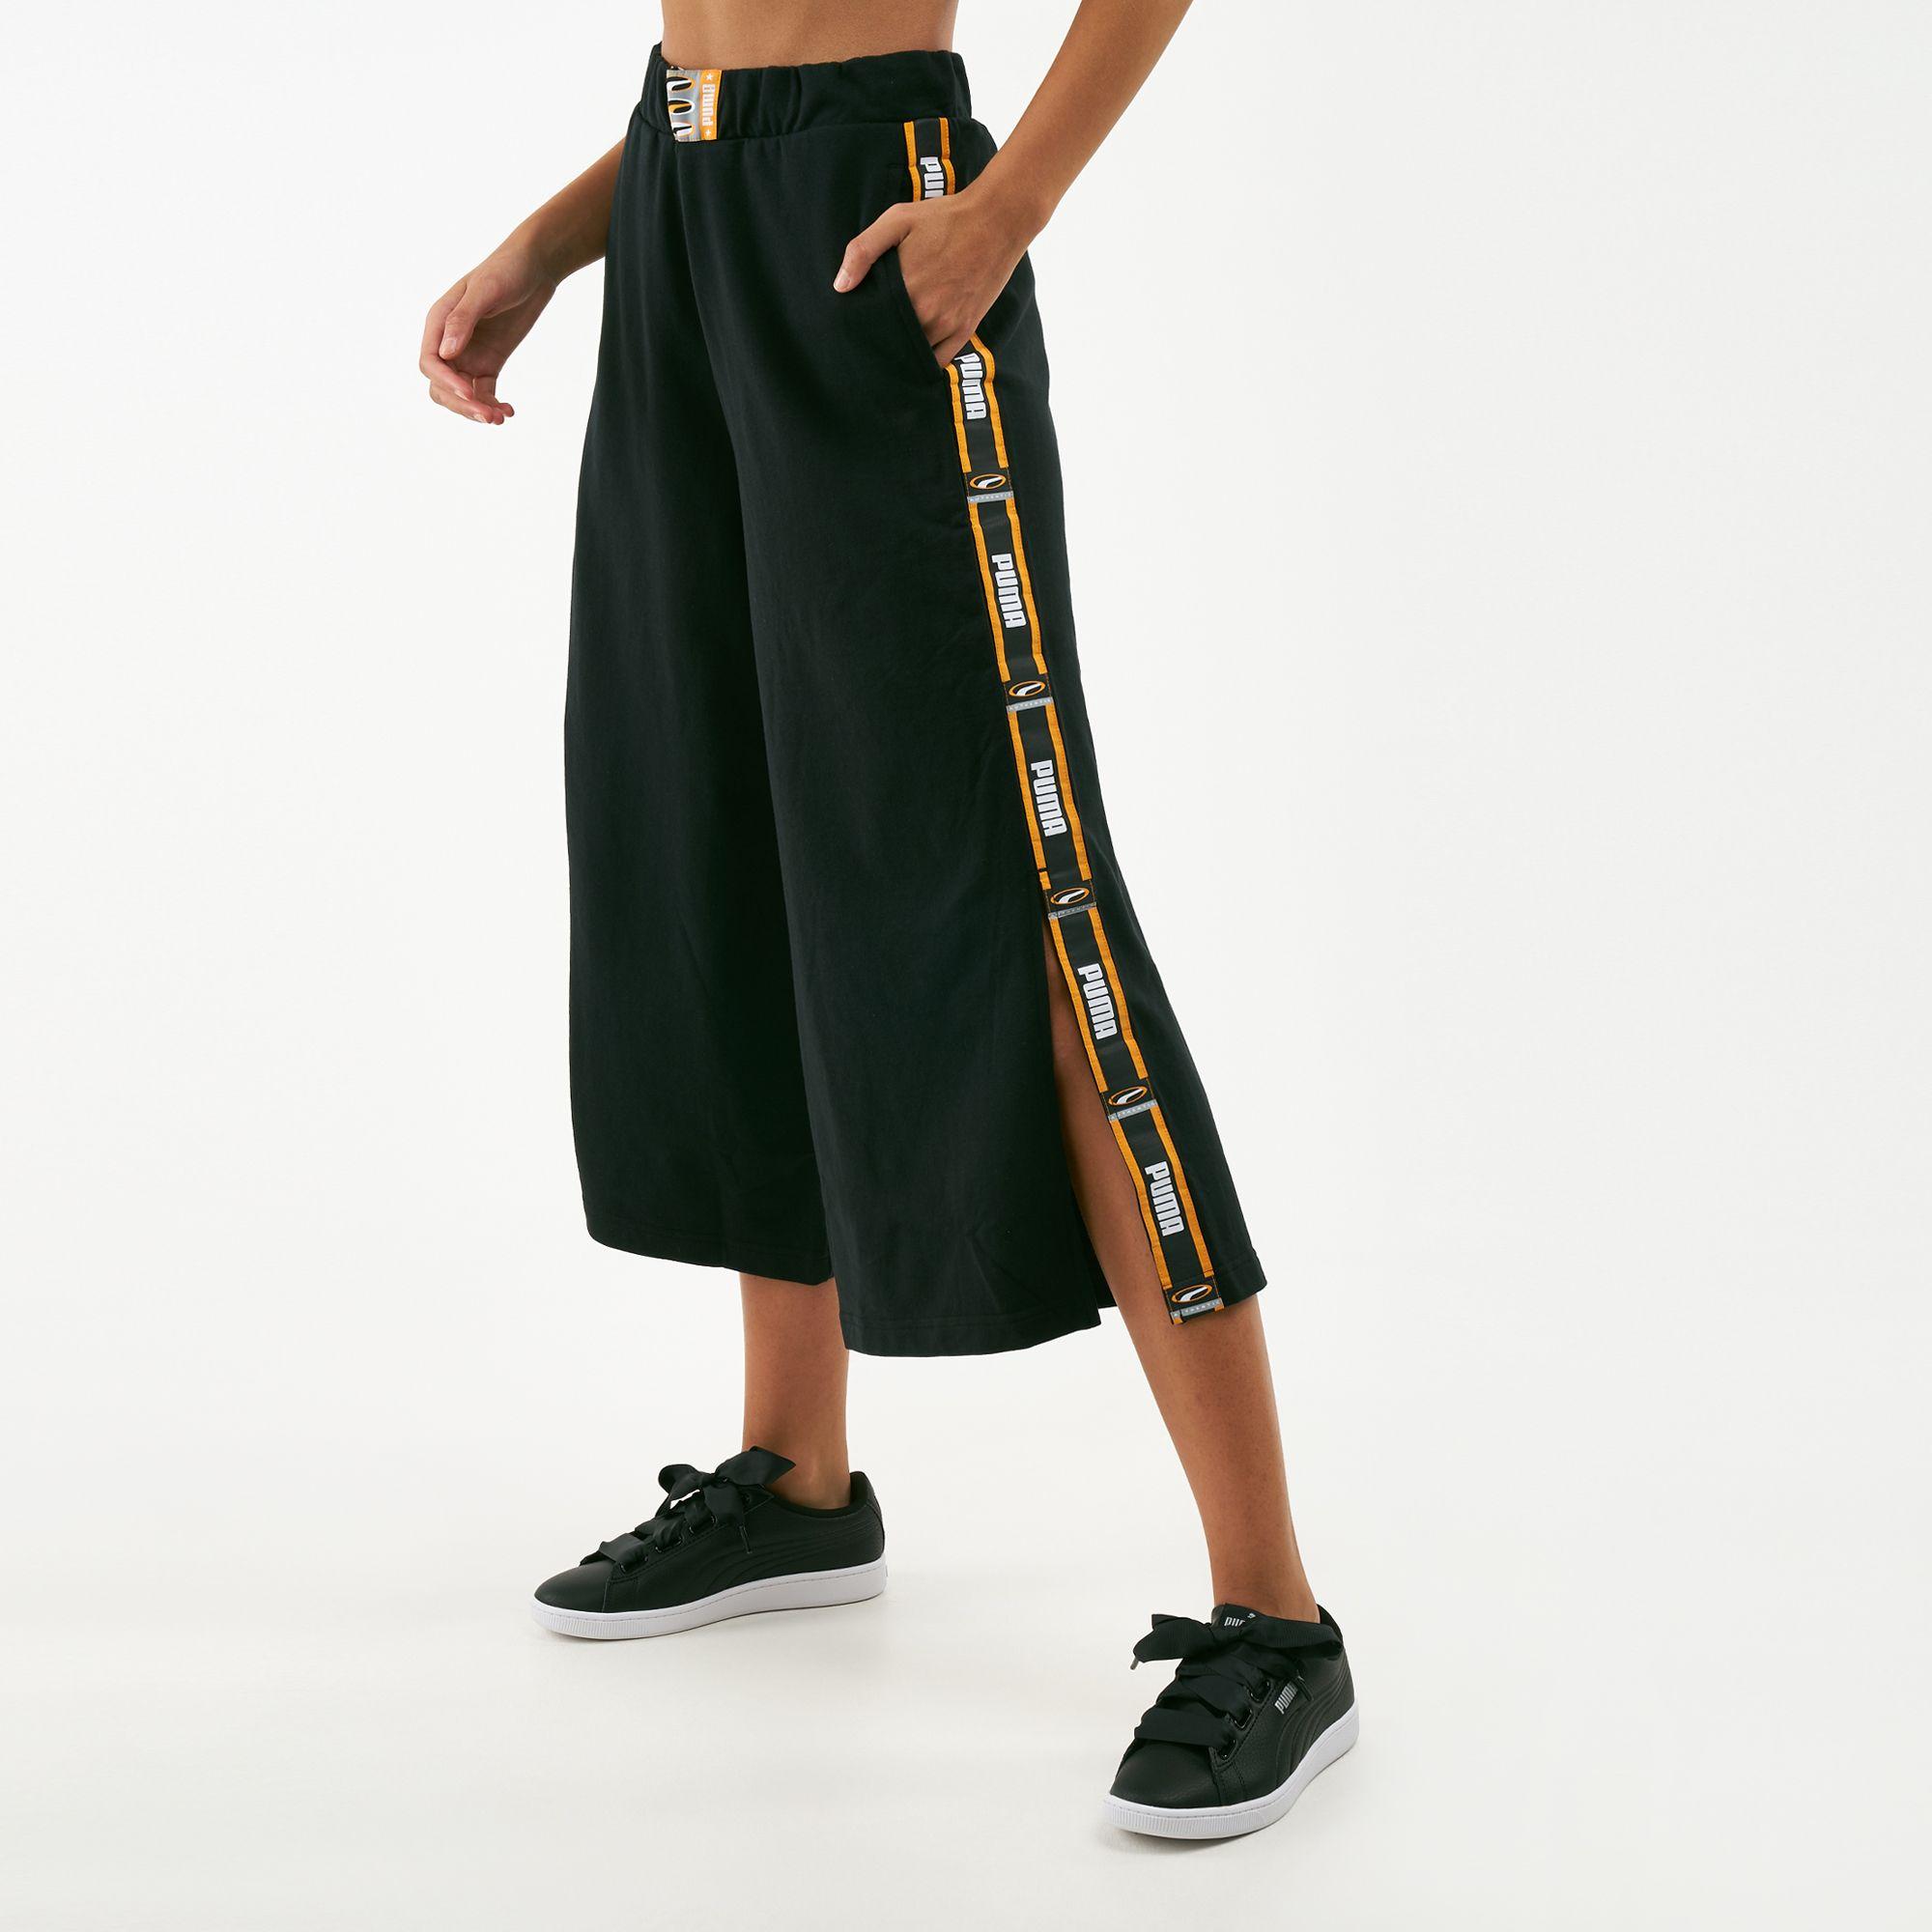 puma femme culotte